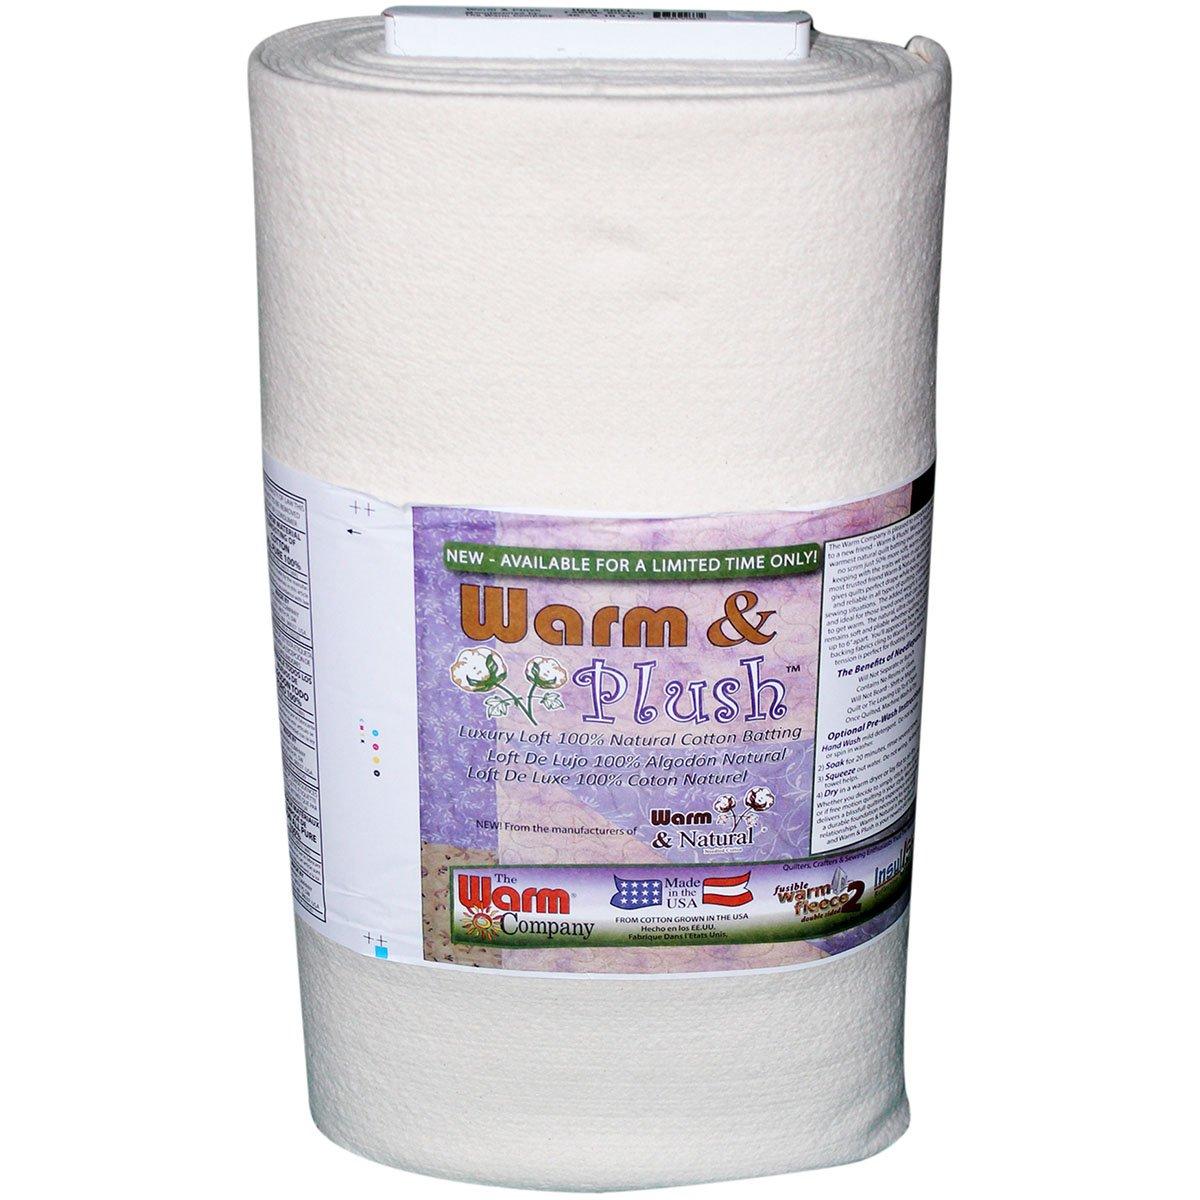 ウォーム & ぬいぐるみ綿によって-、-庭-ベビーベッドのサイズ 45